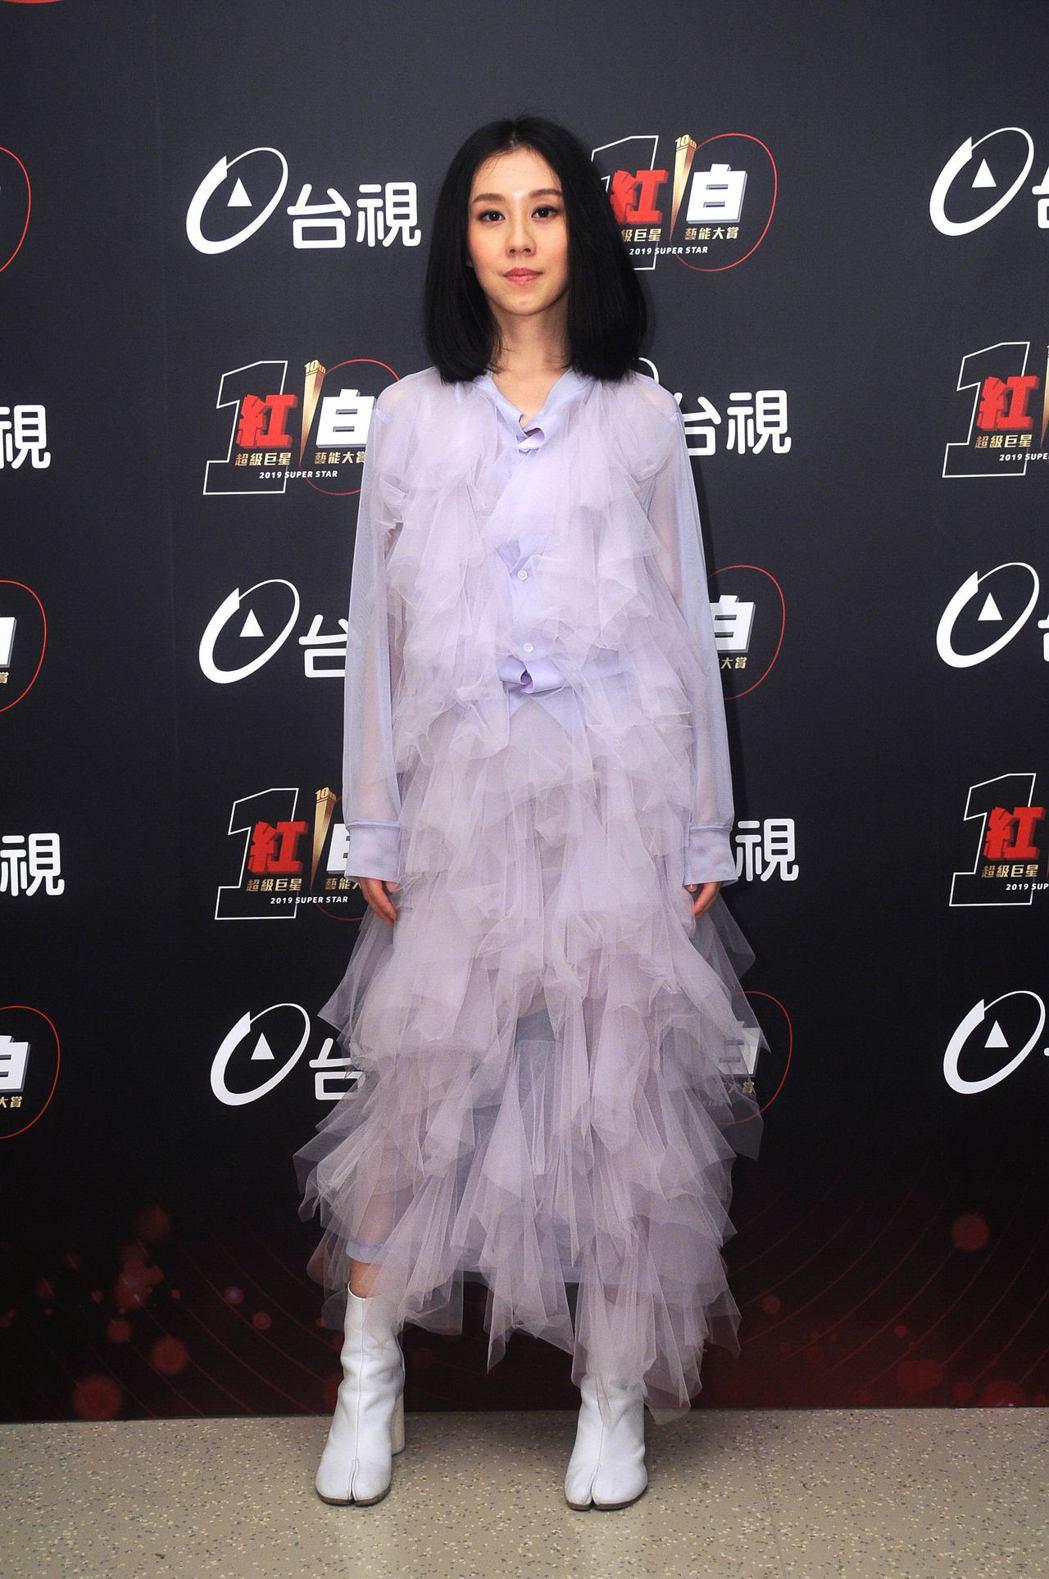 台視除夕特別節目「2019超級巨星紅白藝能大賞」表演嘉賓白安。圖/台視提供